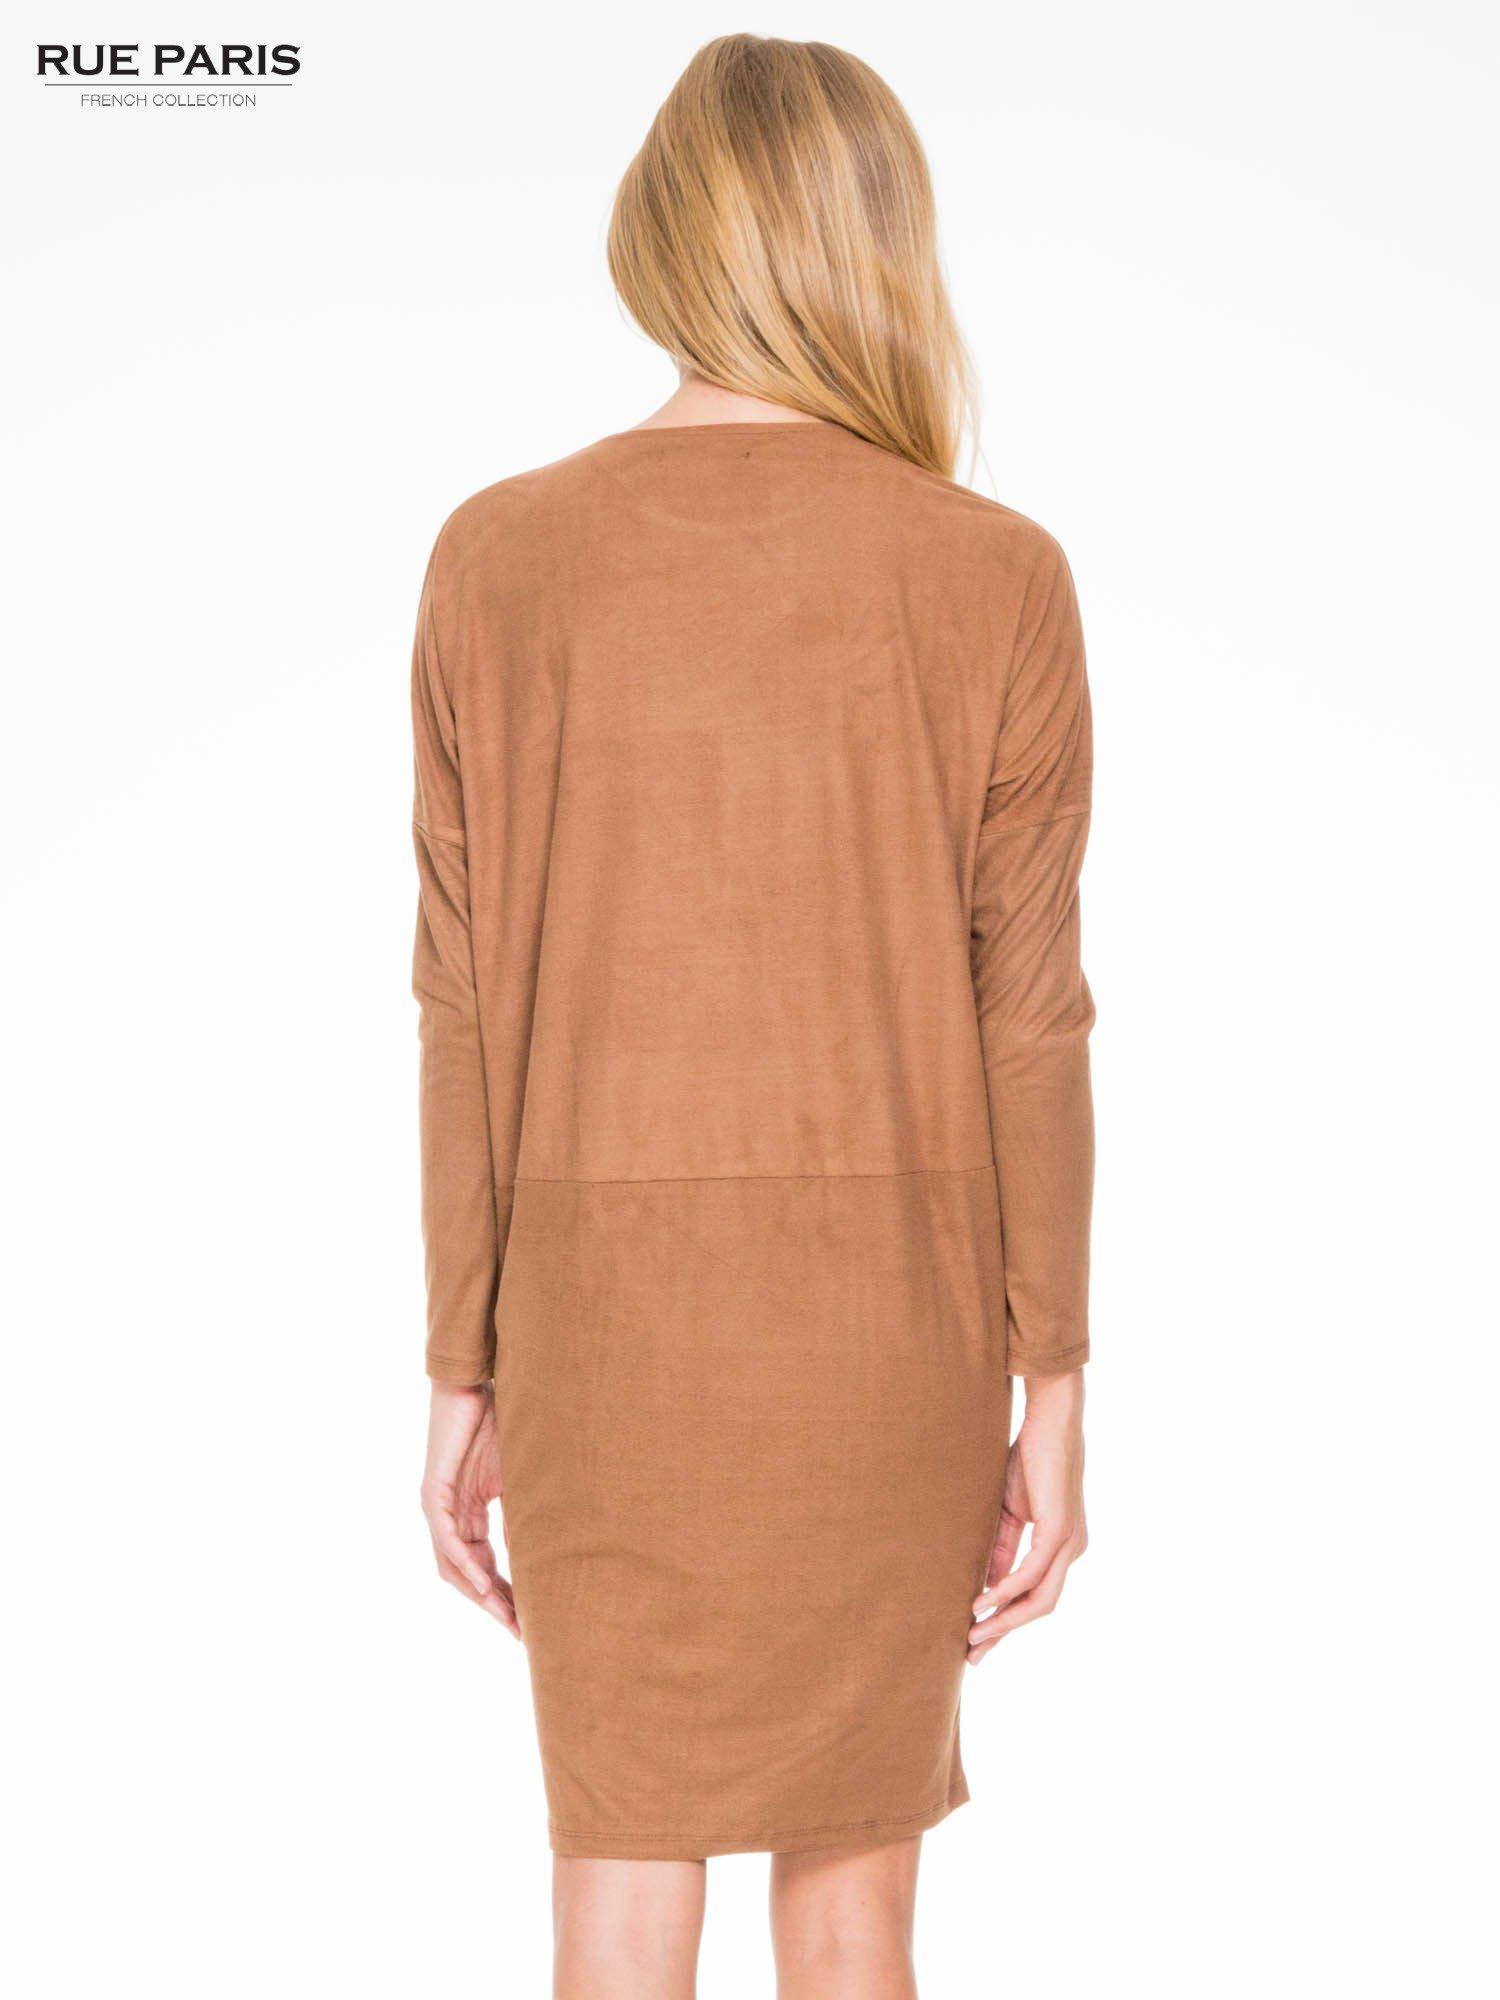 Brązowa zamszowa sukienka z luźnymi rękawami                                  zdj.                                  4